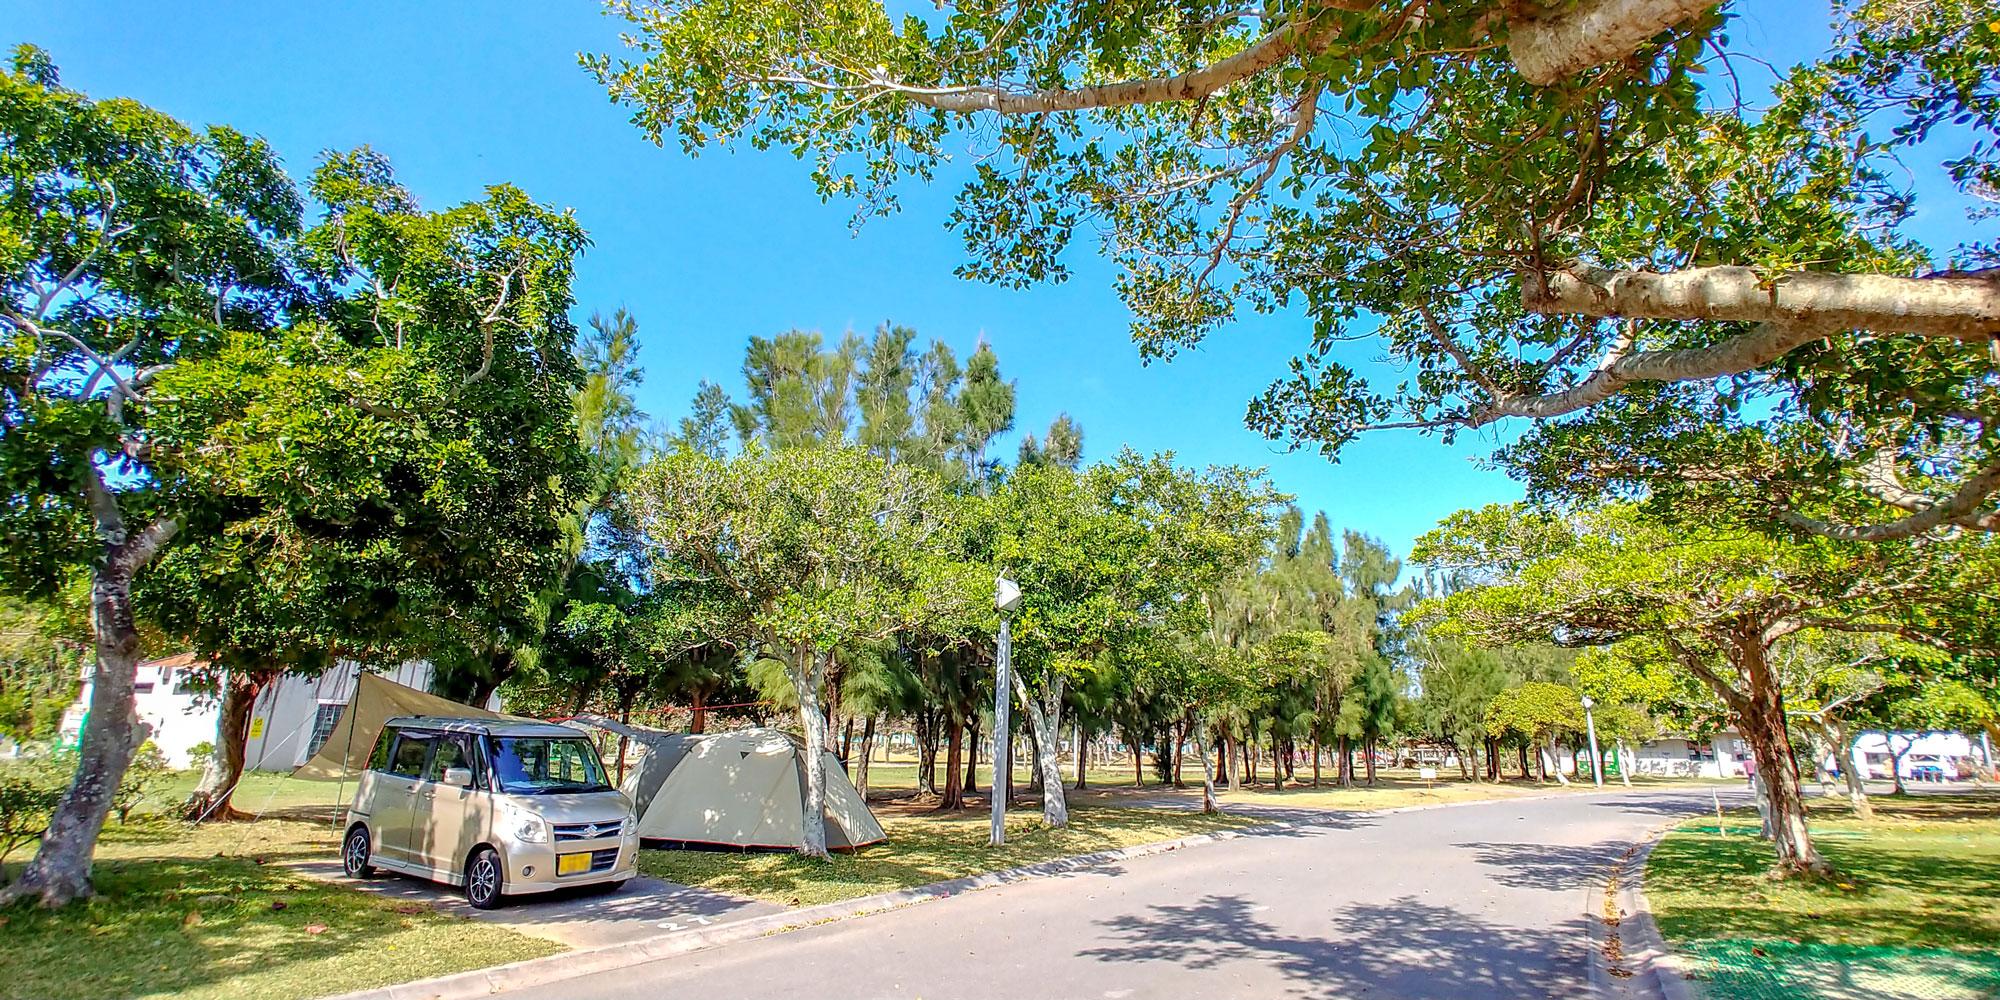 公園内オートキャンプ場